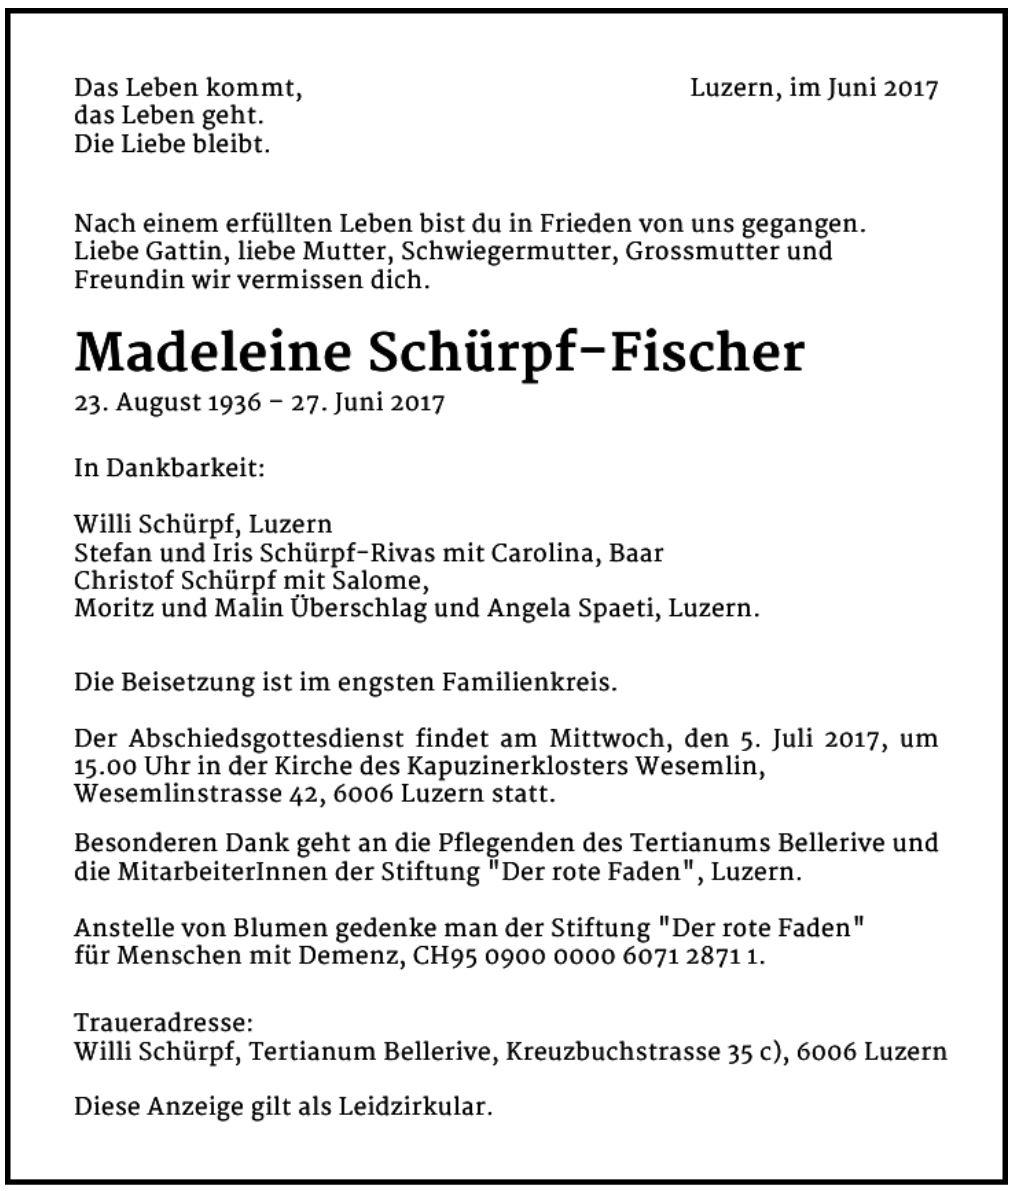 Madeleine Schürpf-Fischer